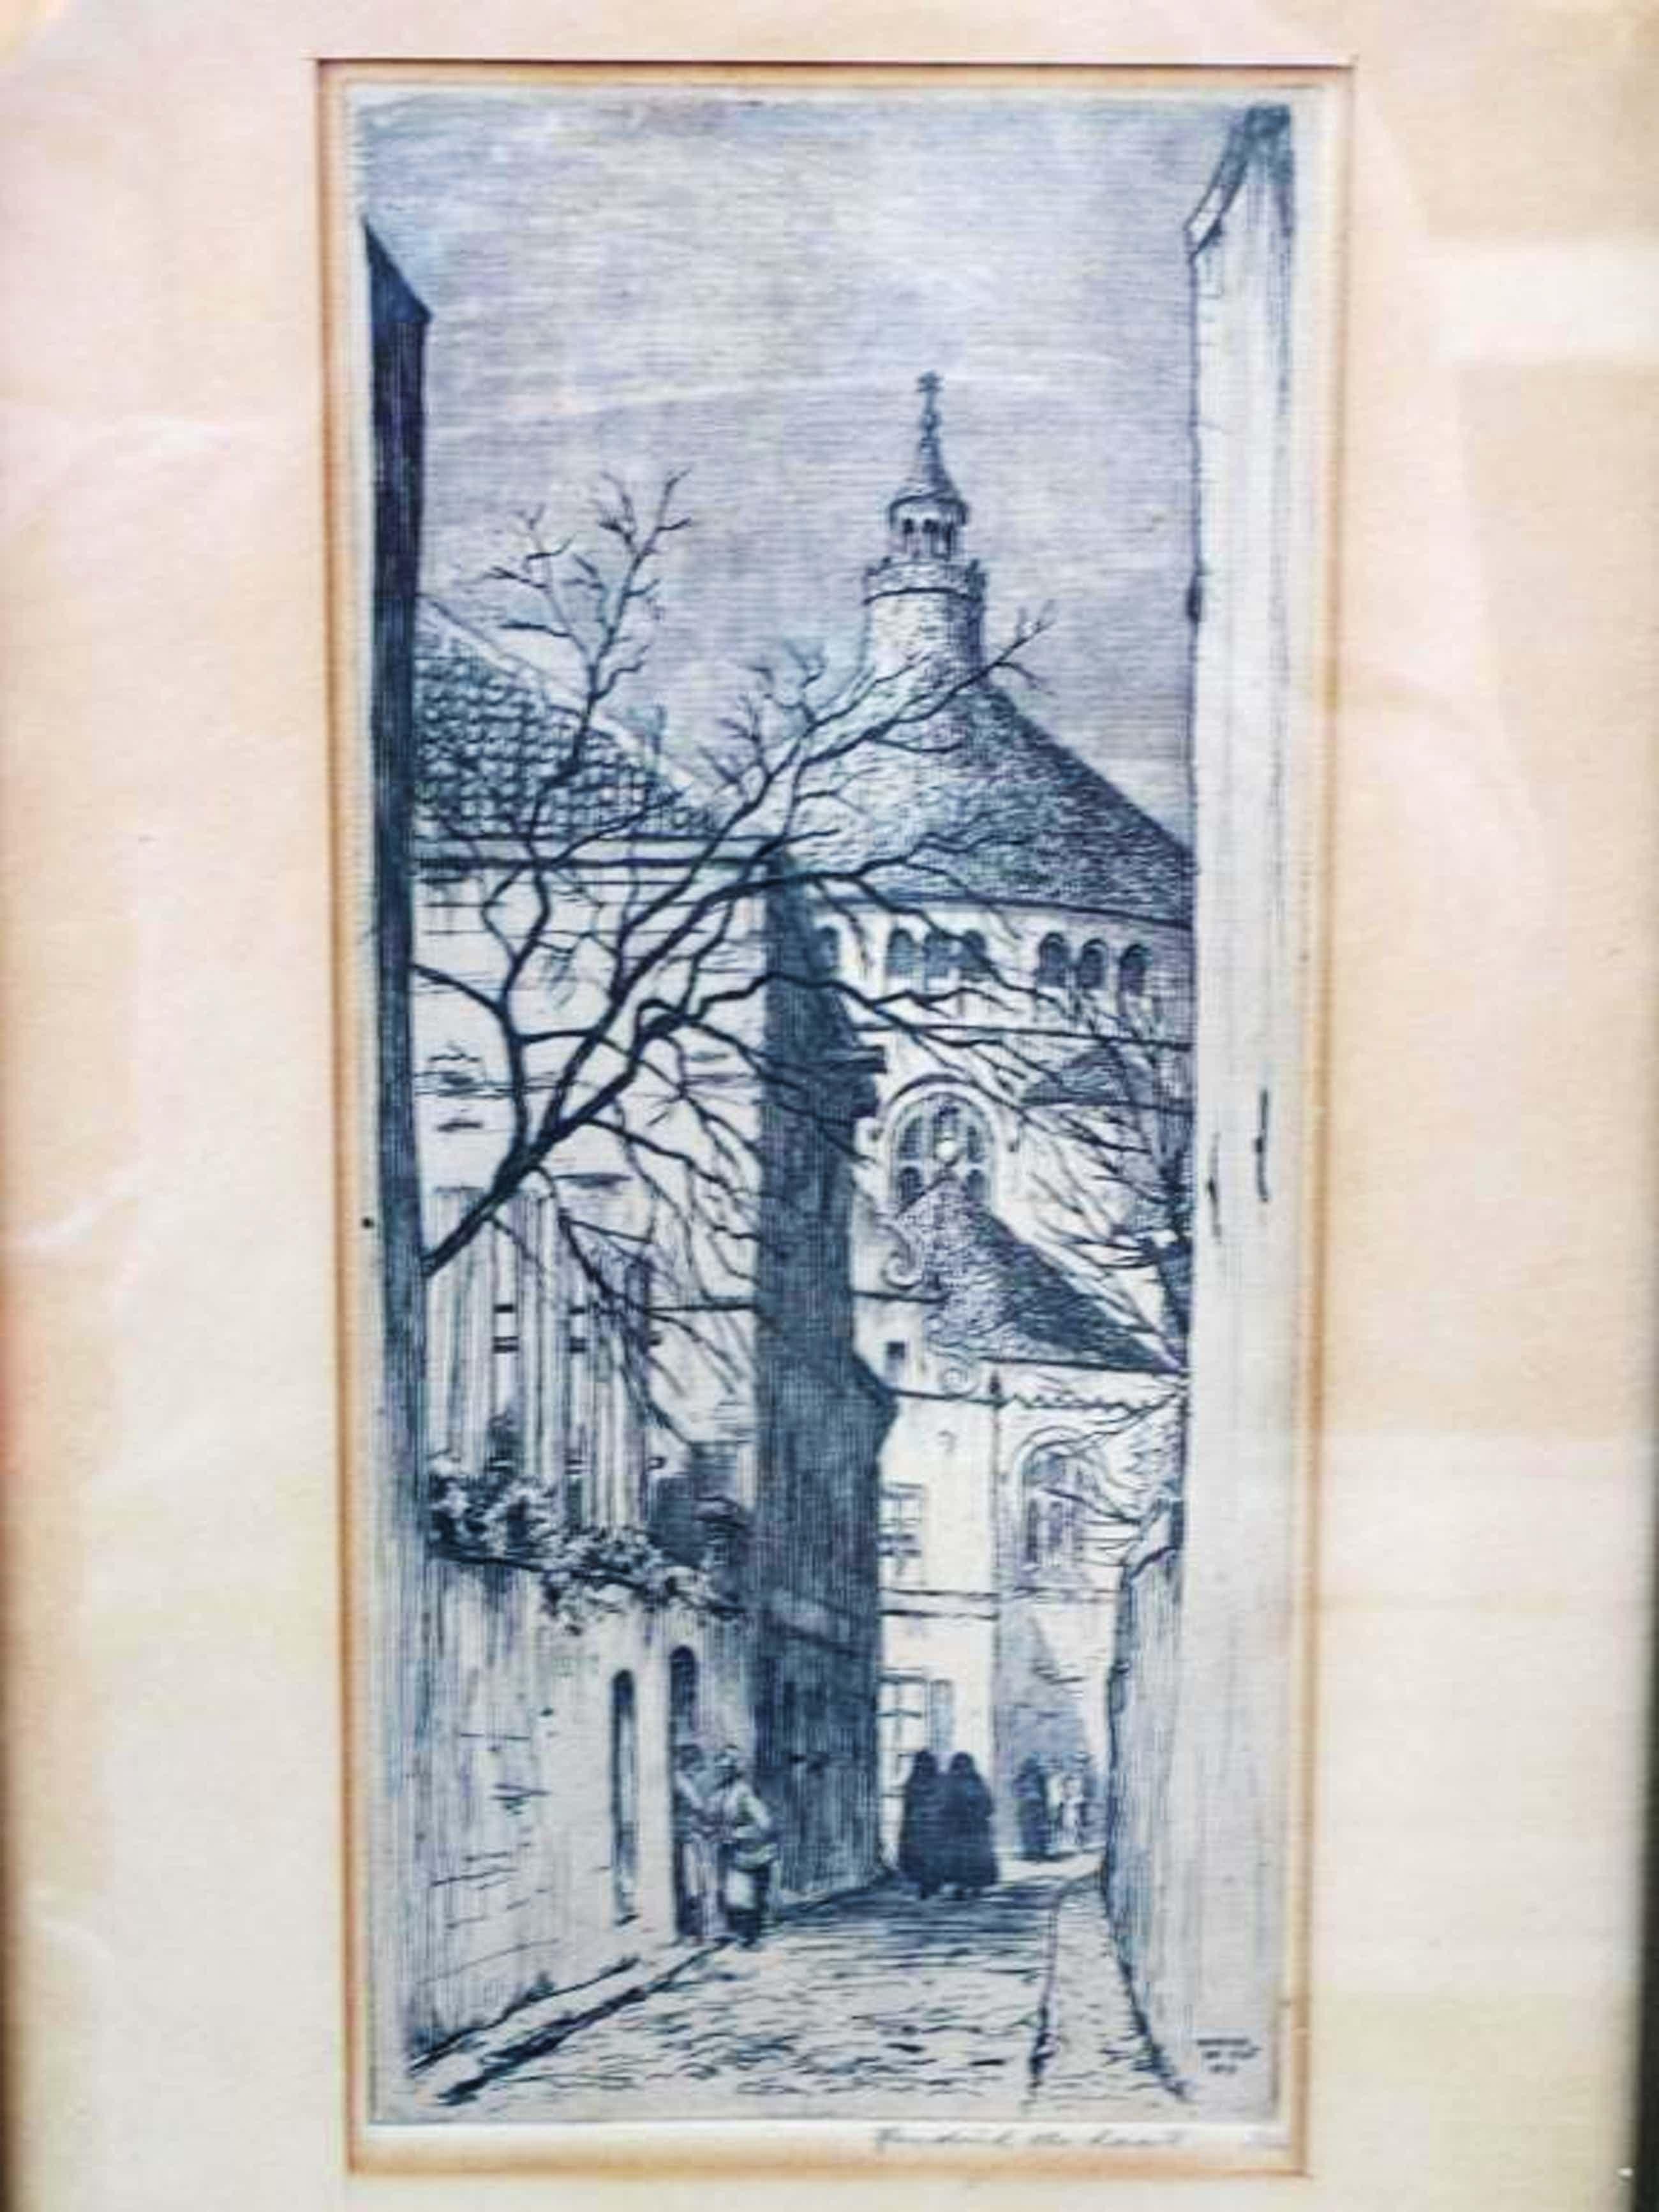 Hendrik de Laat, Stadsstraatje Den Bosch, Ets 1931 kopen? Bied vanaf 75!